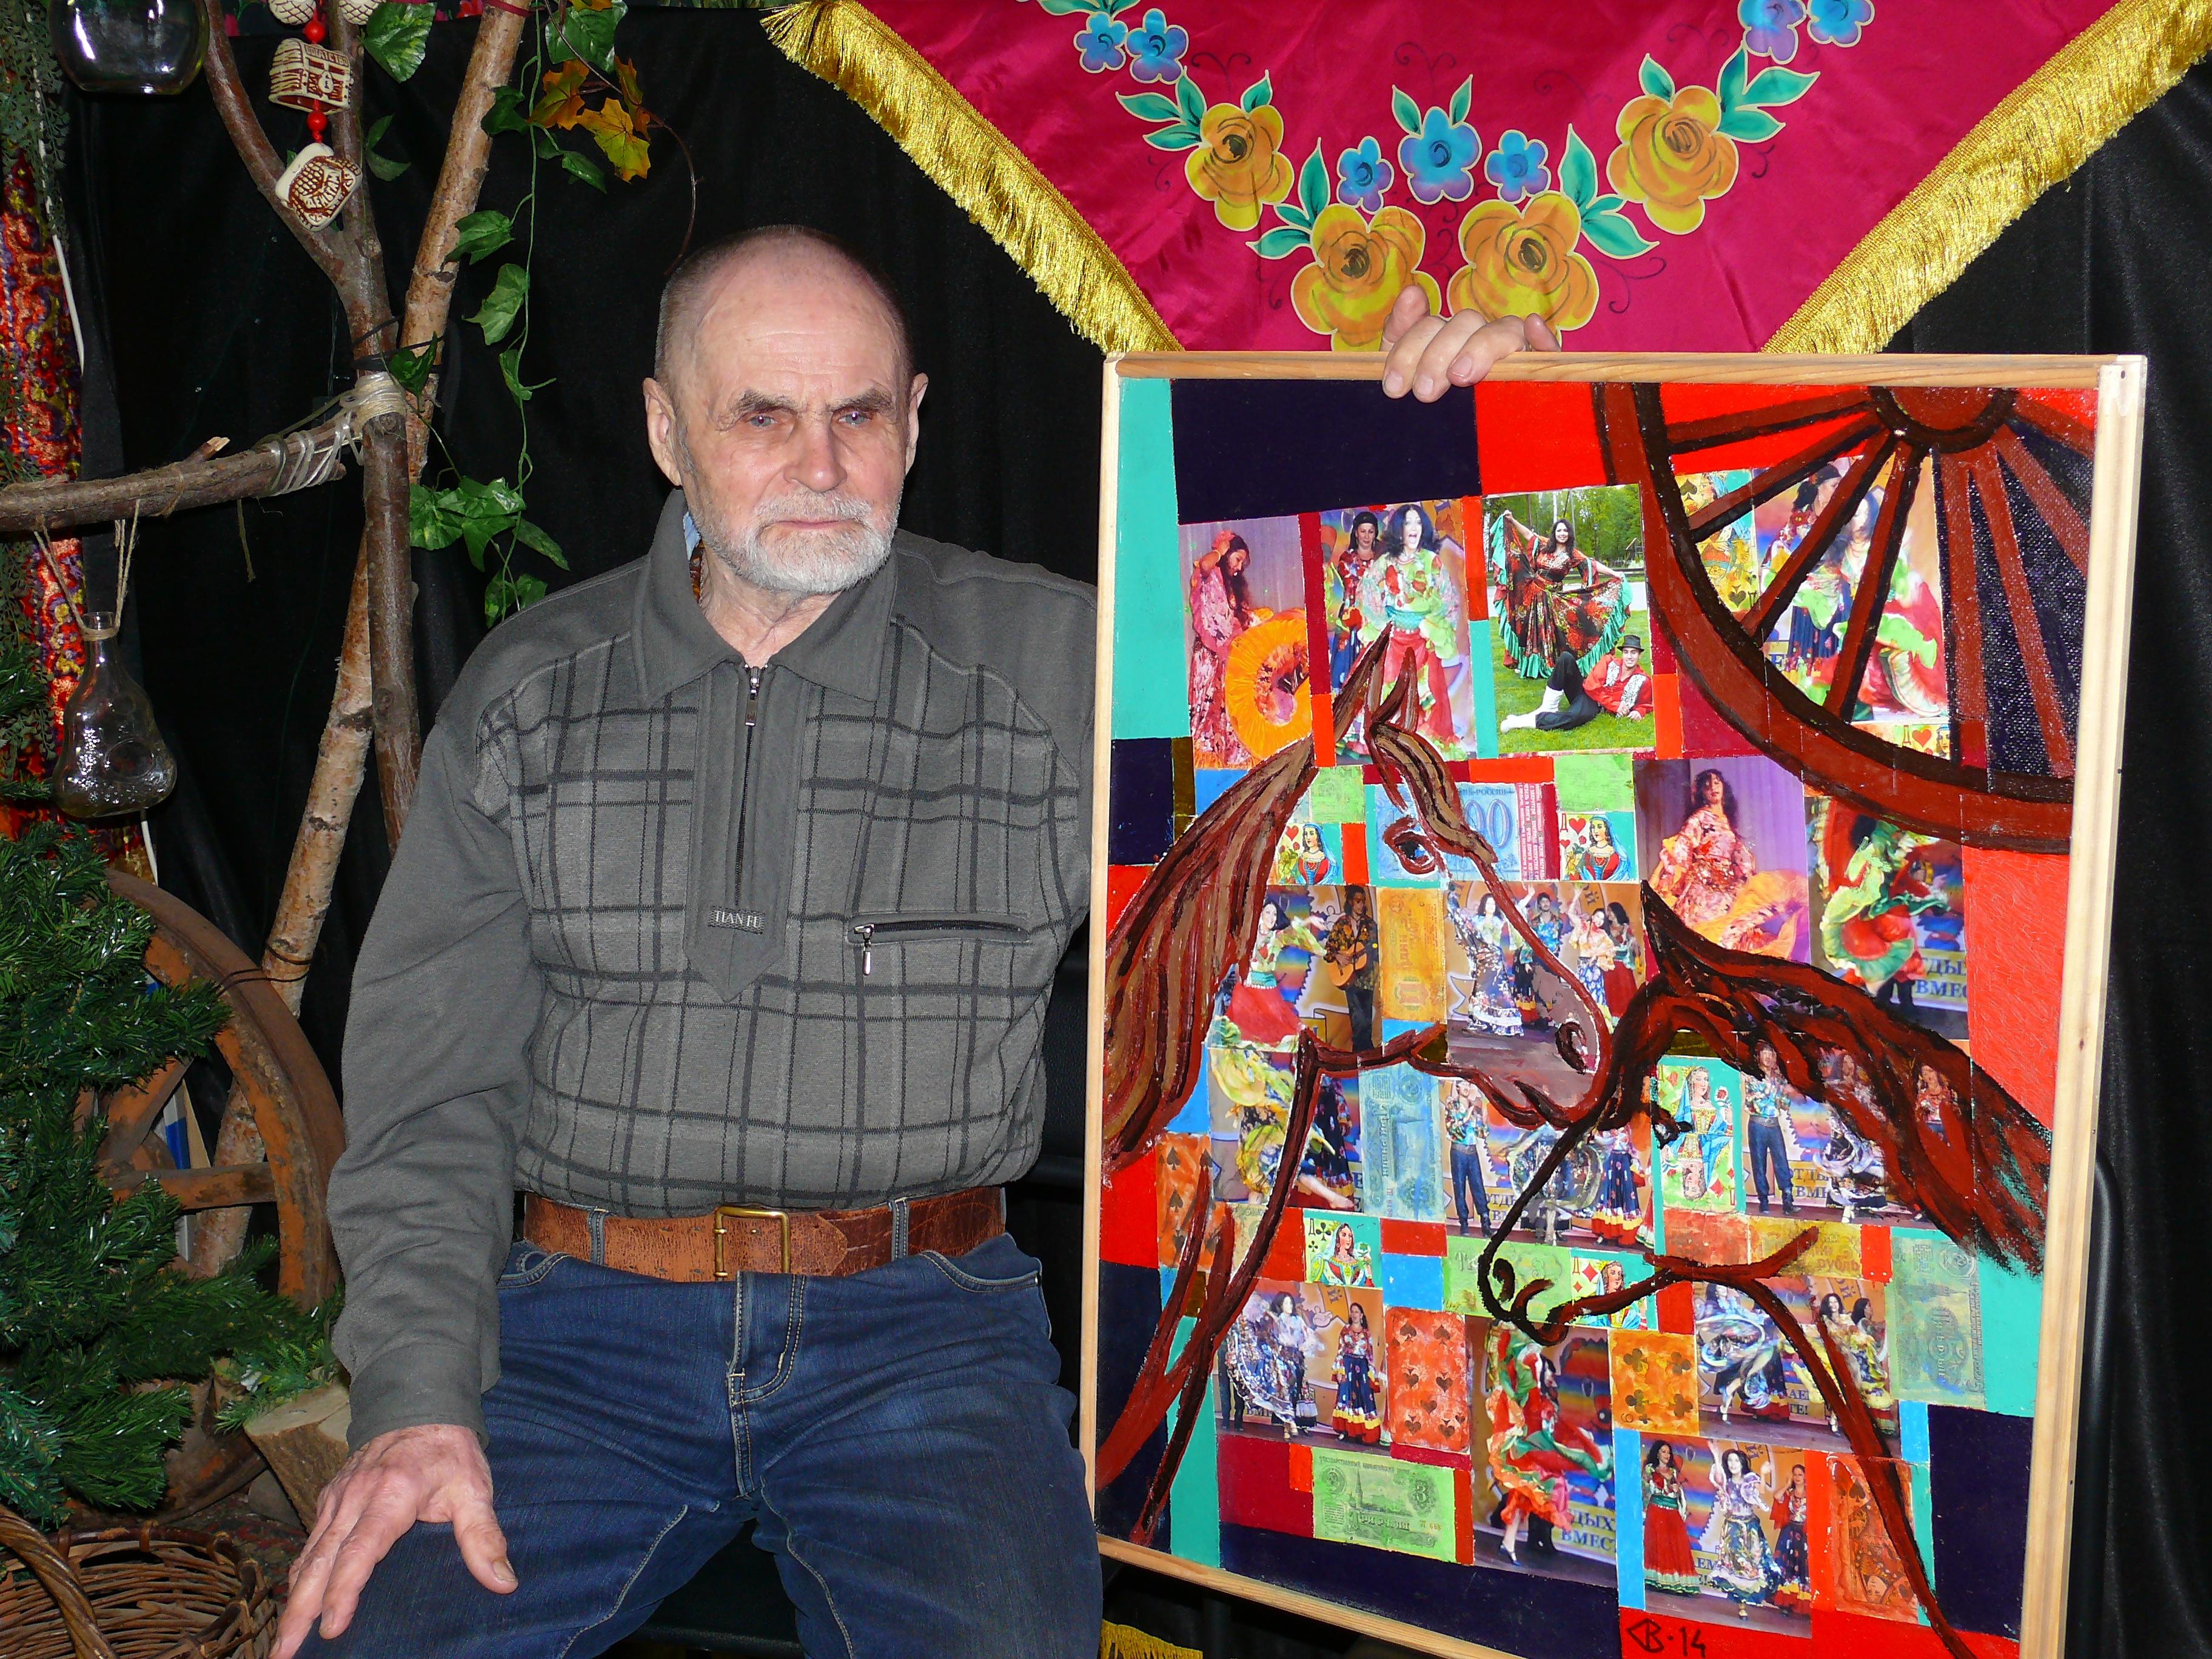 Путешествие в мир цыган. Костромской художник подарил картину